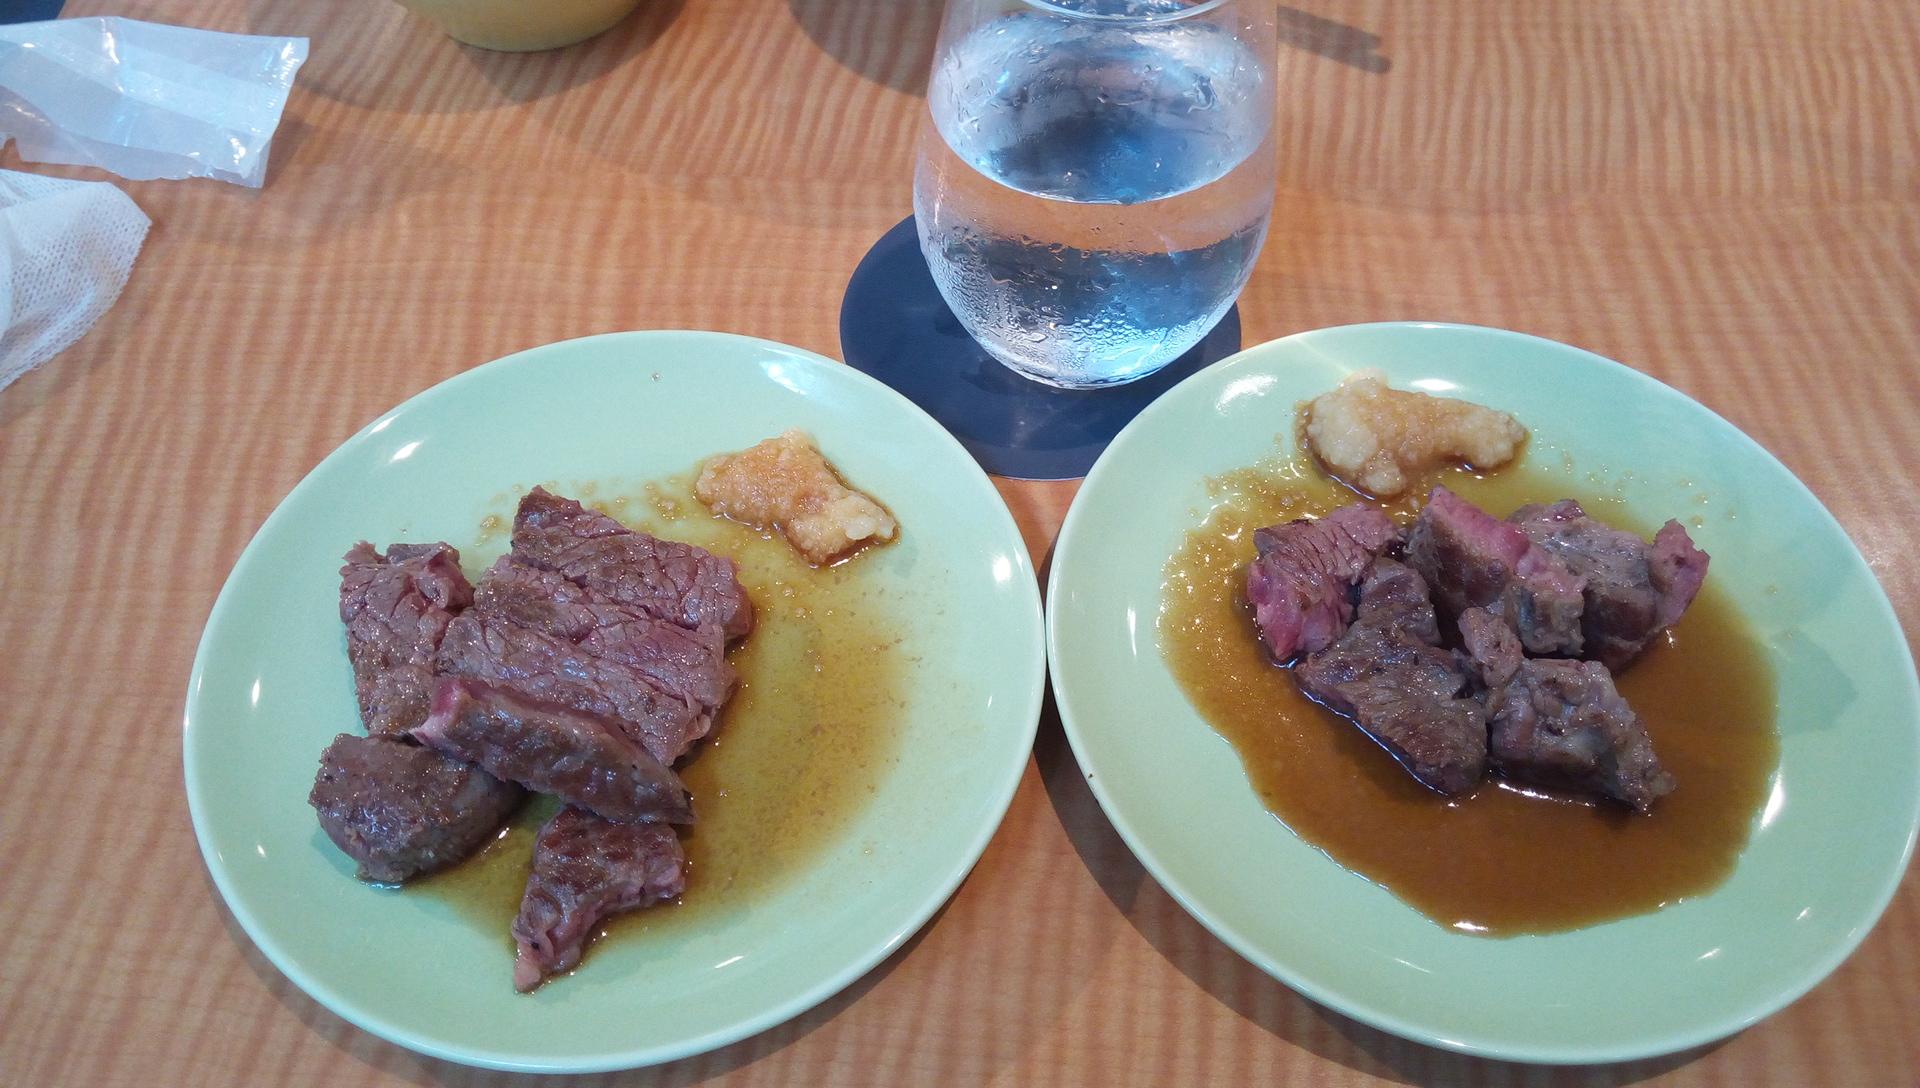 2nd dish